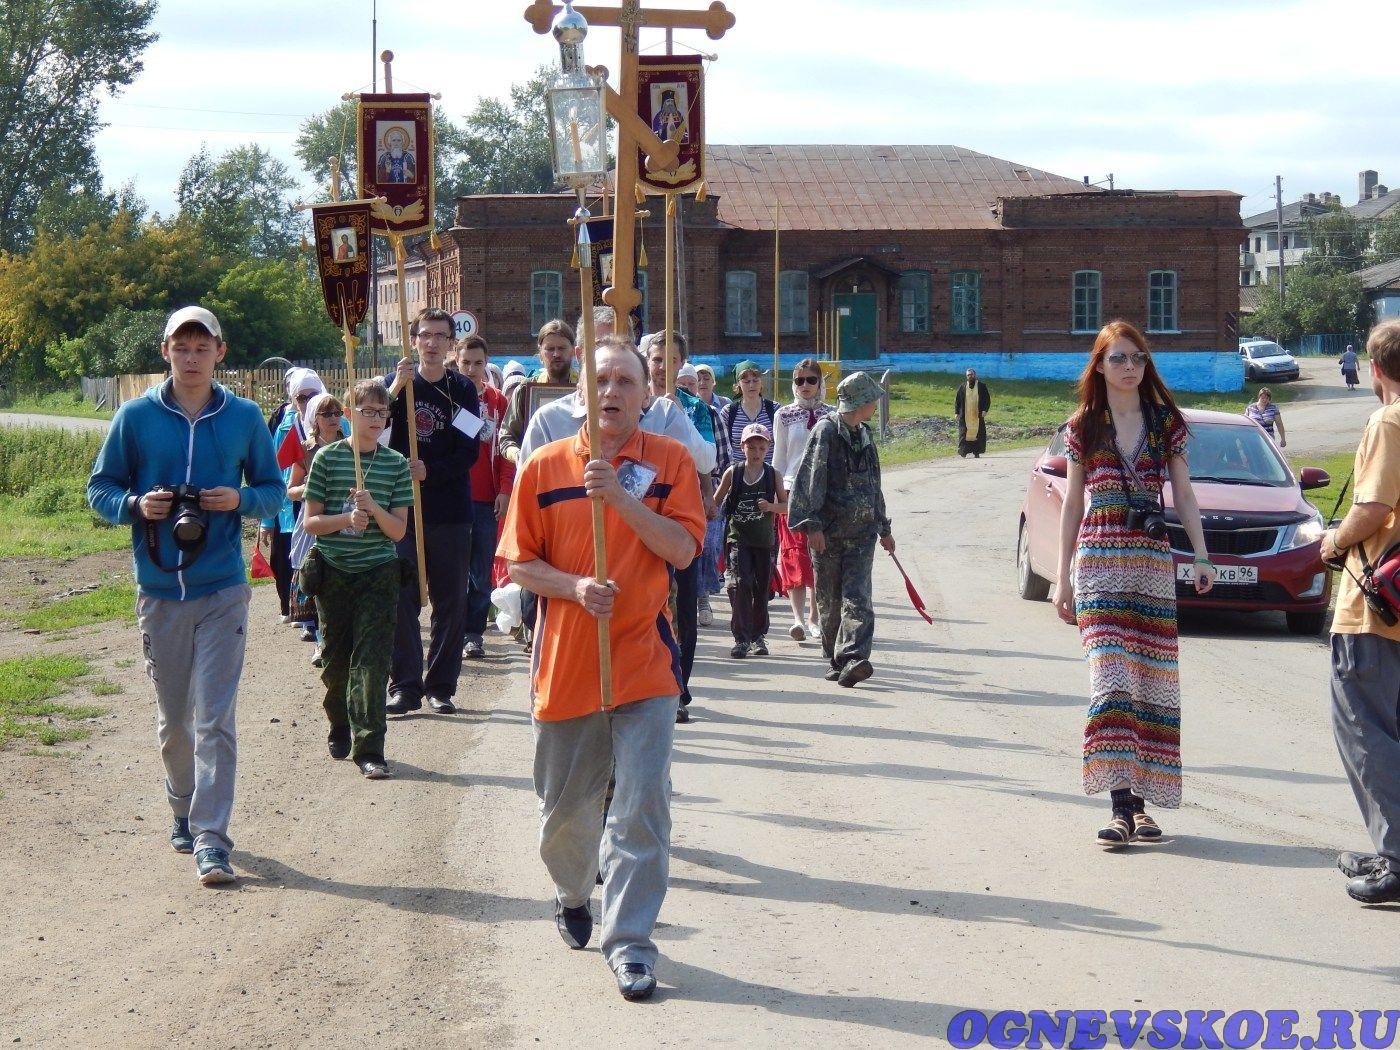 Участники пешего Крестного хода 4 августа 2014 года из села Огнёвское в село Багаряк (23.11.2014)